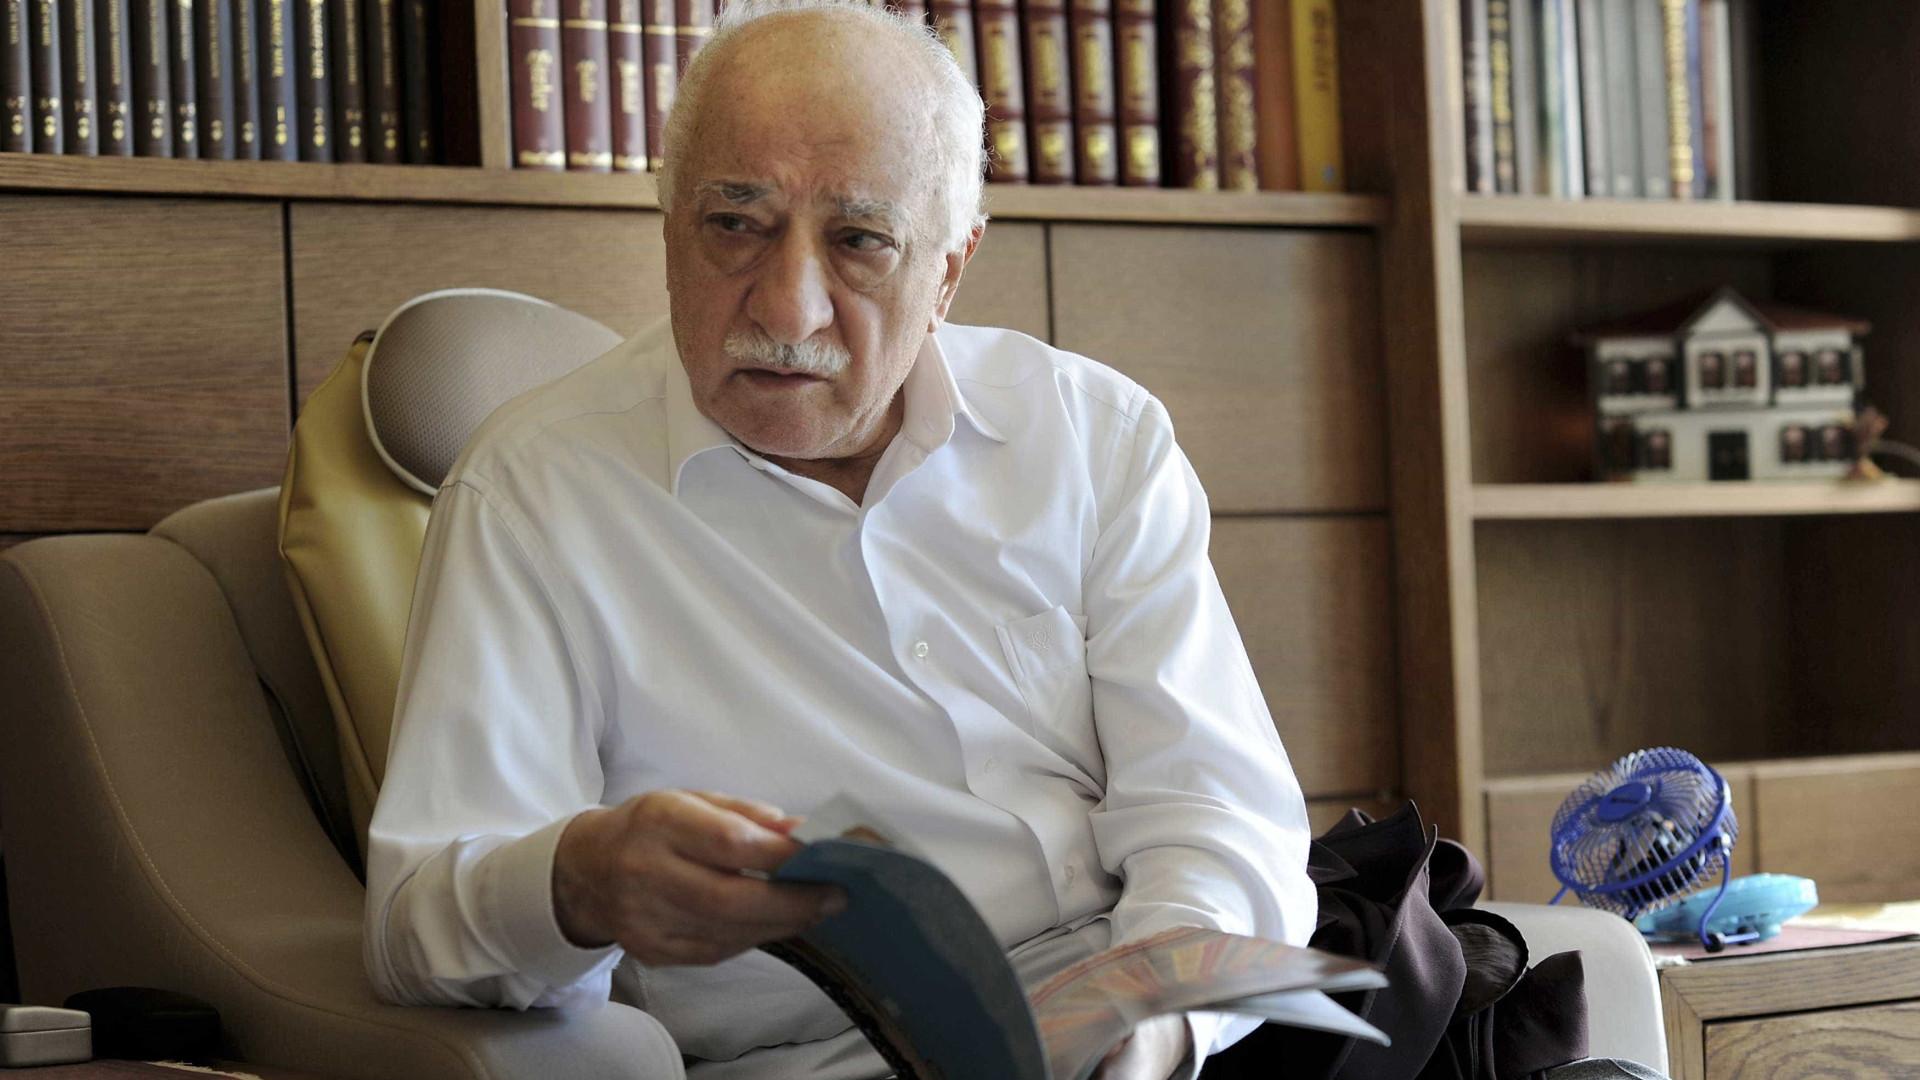 República Centro-Africana é exceção e mantém escola de Fethullah Gülen